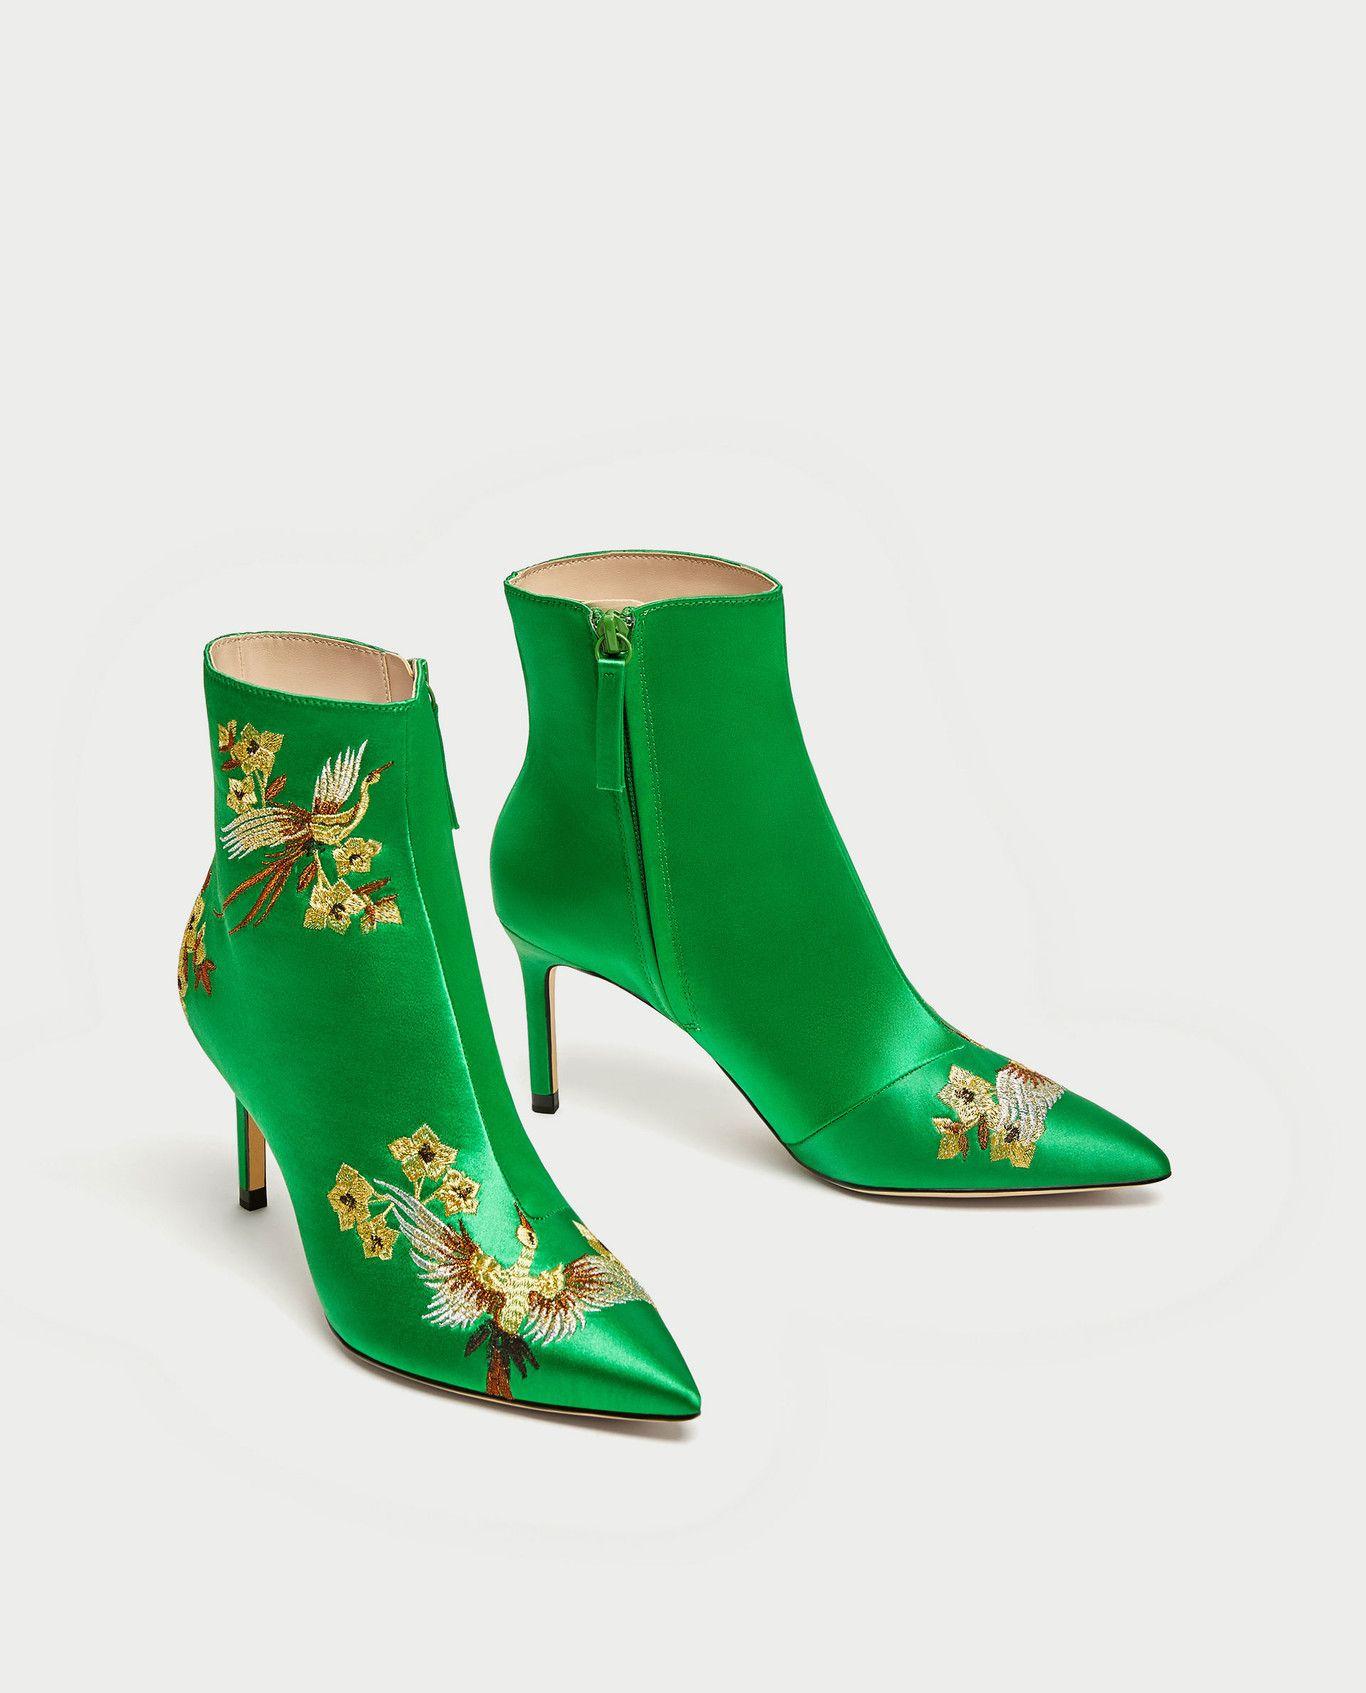 Verdes Bailarinas Ballet De Botas 6065201030 2 Zara Sandalias 3 Zapatos 1 BU0gqS